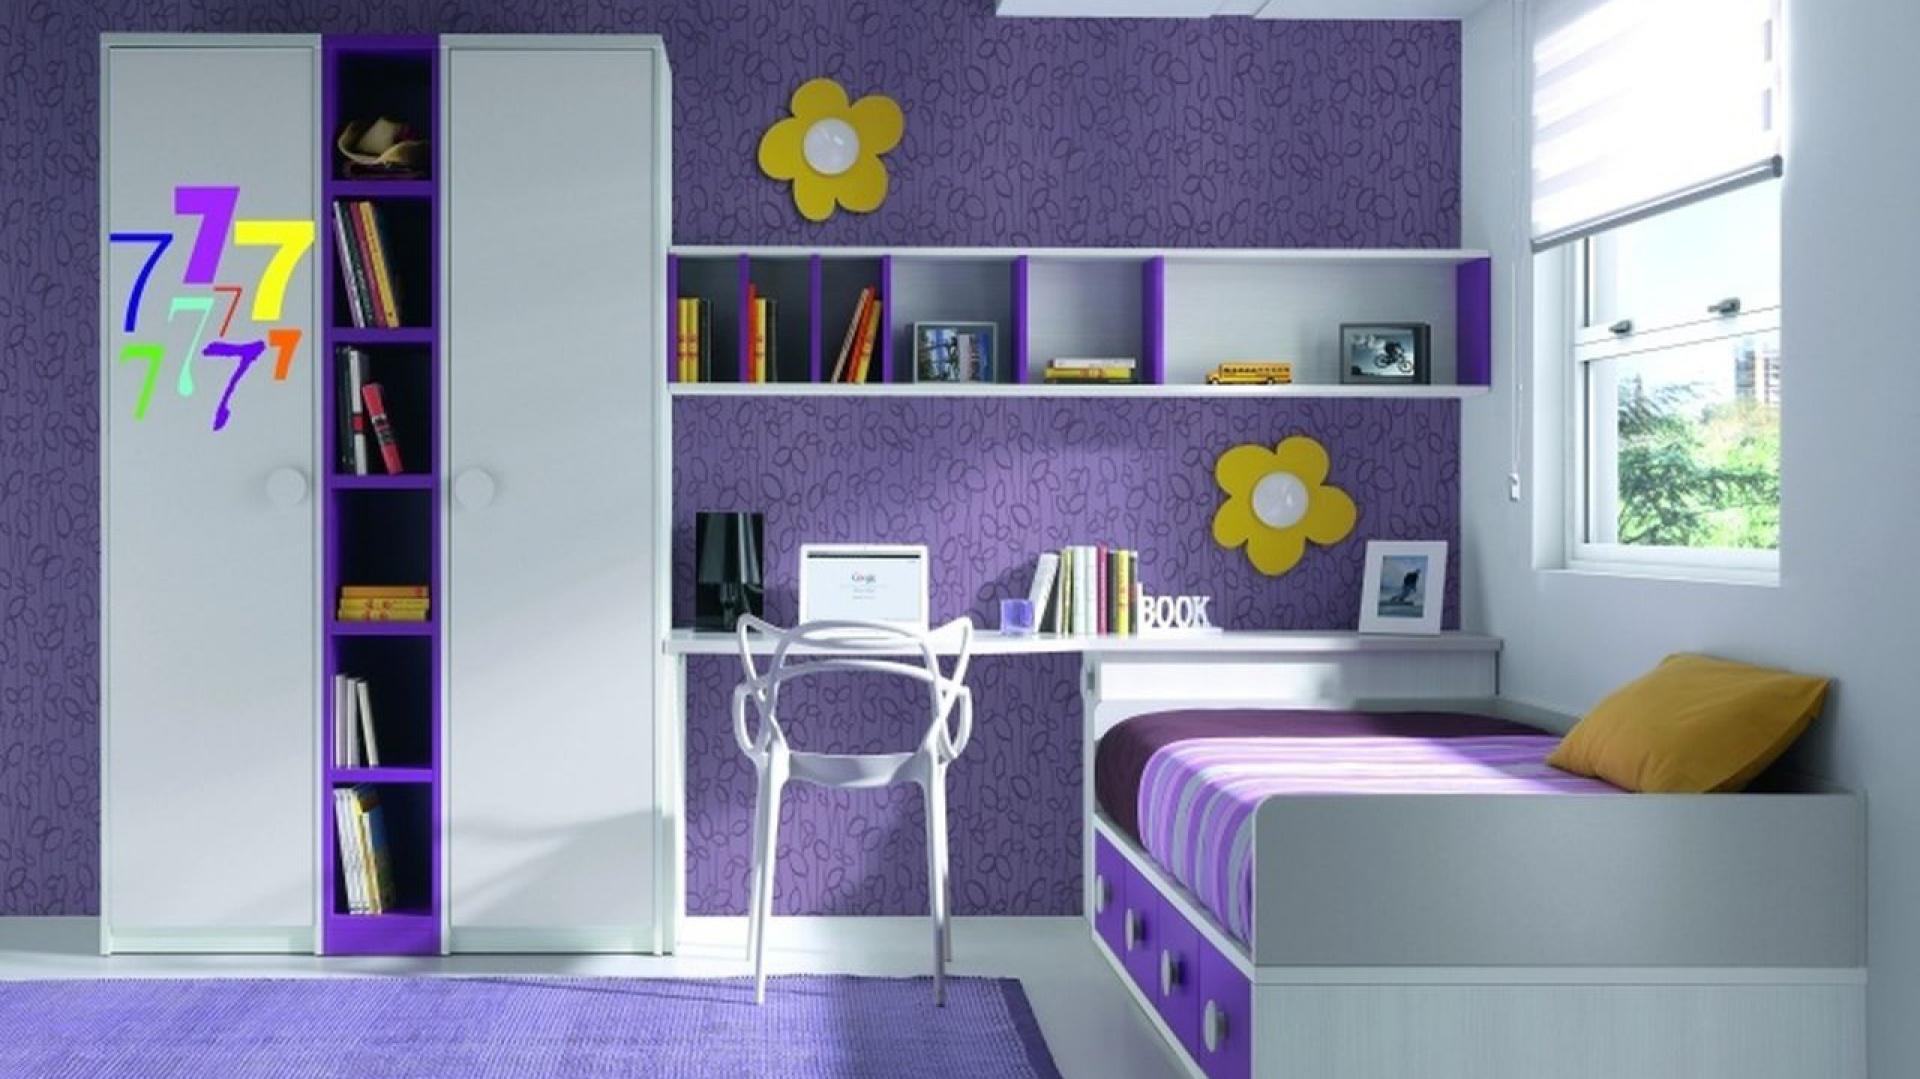 Ciemnofioletową ścianę rozjaśniają dekoracje w postaci żółtych kwiatków. Fot. Muebles Lara.